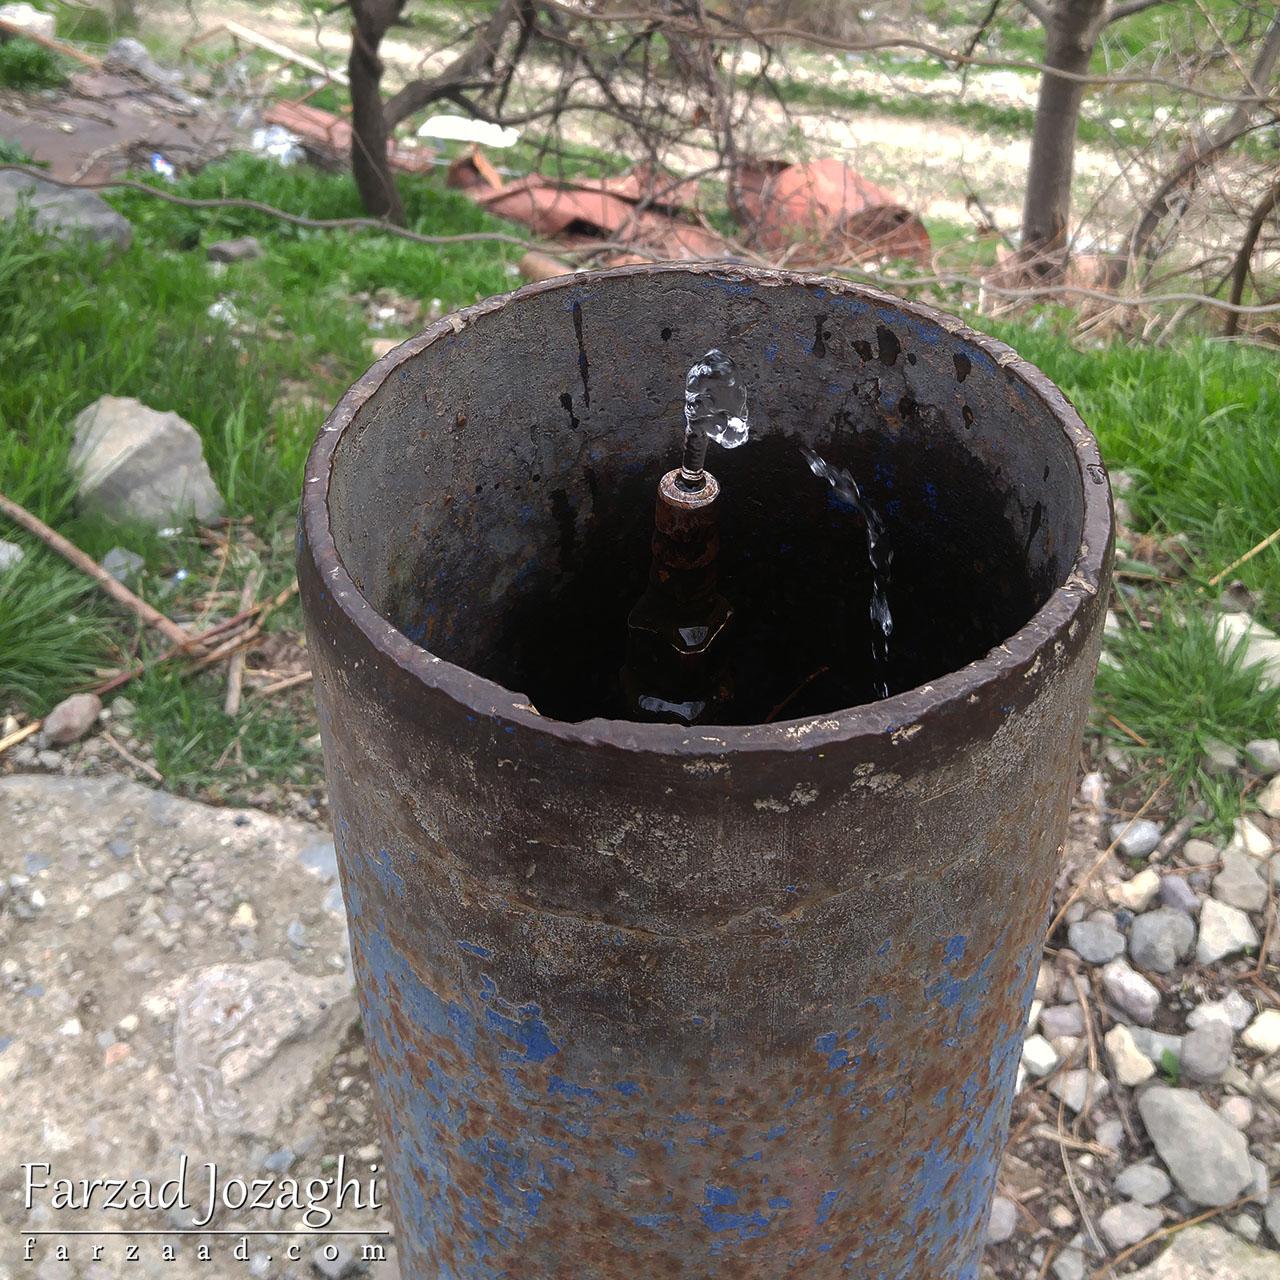 آبخوری عمومی ارمنی در یک روستا در ارمنستان